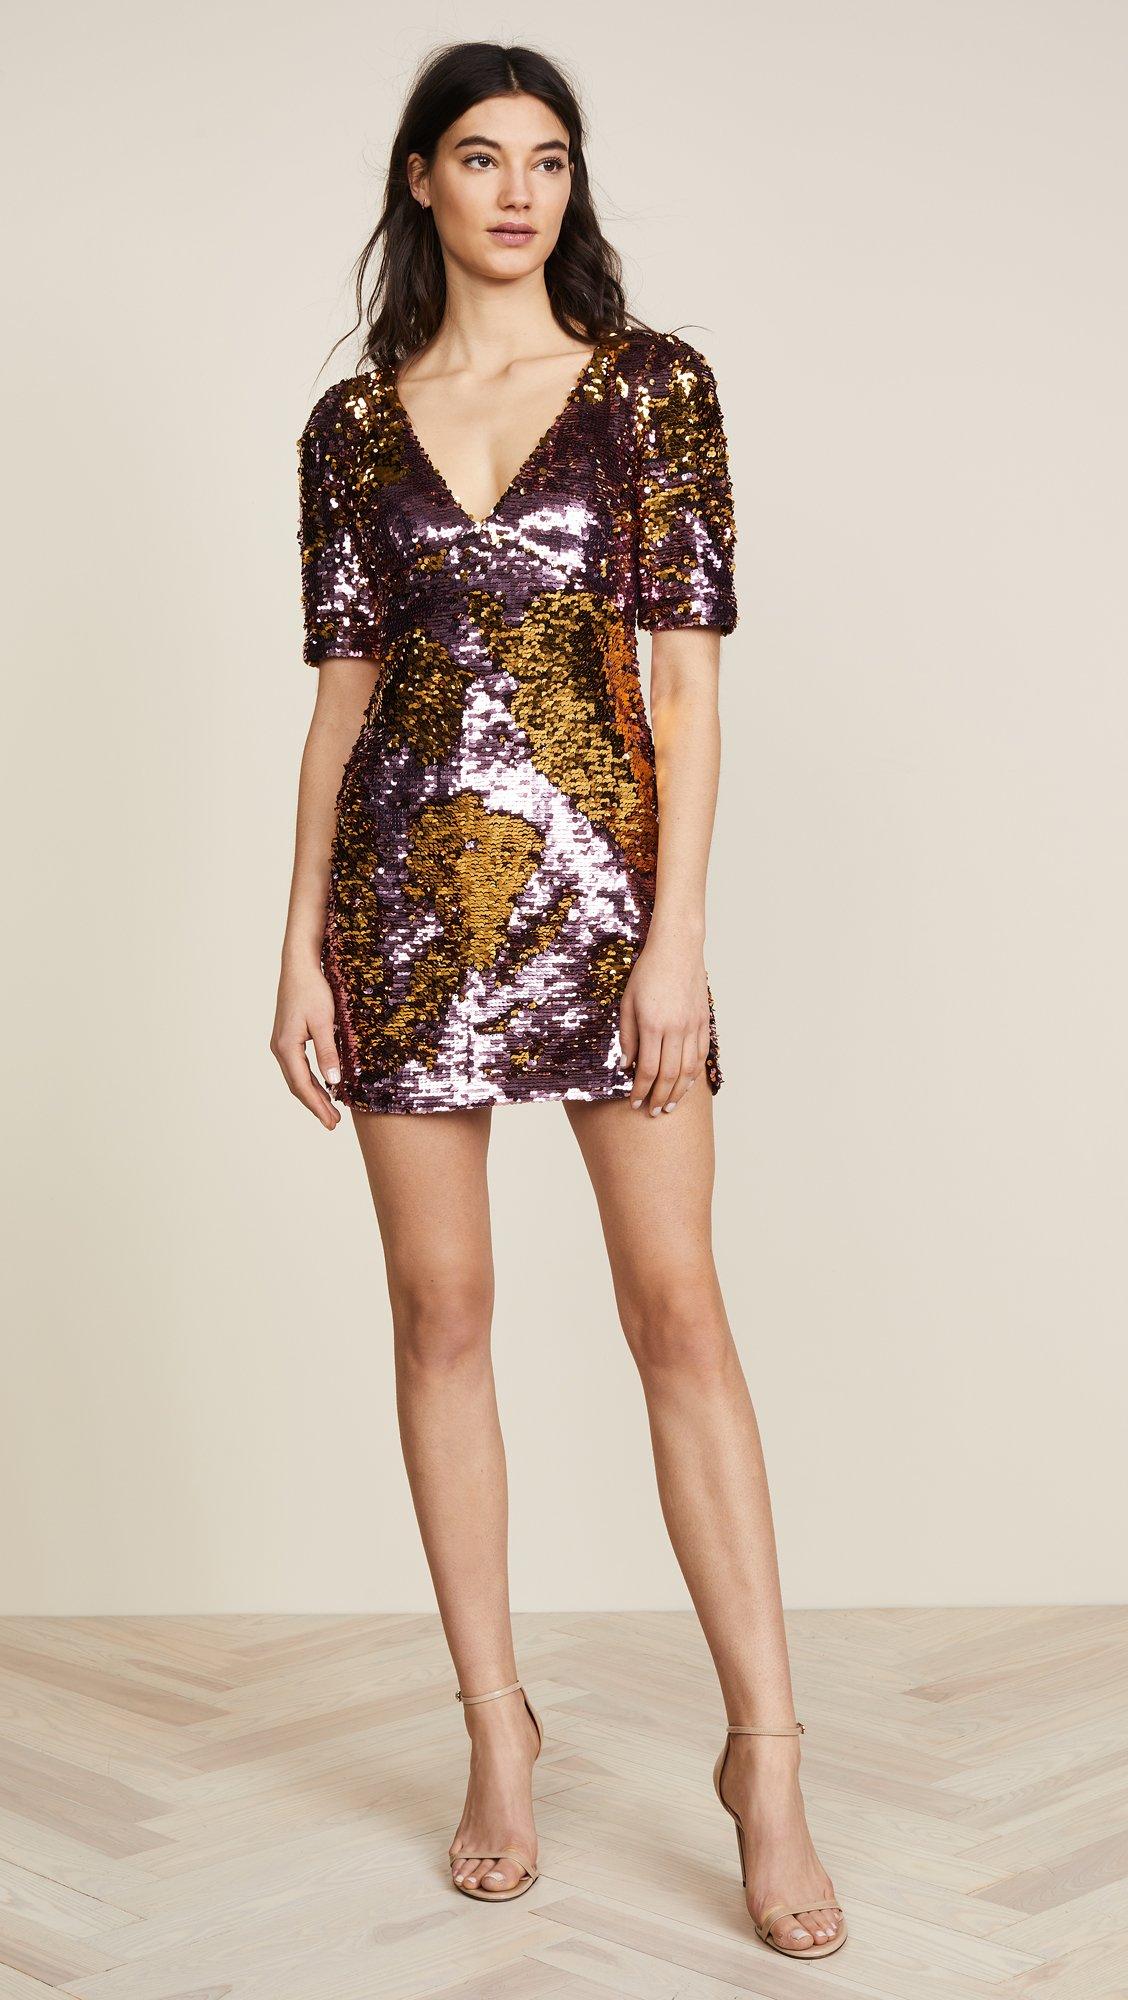 For Love & Lemons Women's Sparklers Party Dress, Dusty Rose, Medium by For Love & Lemons (Image #5)